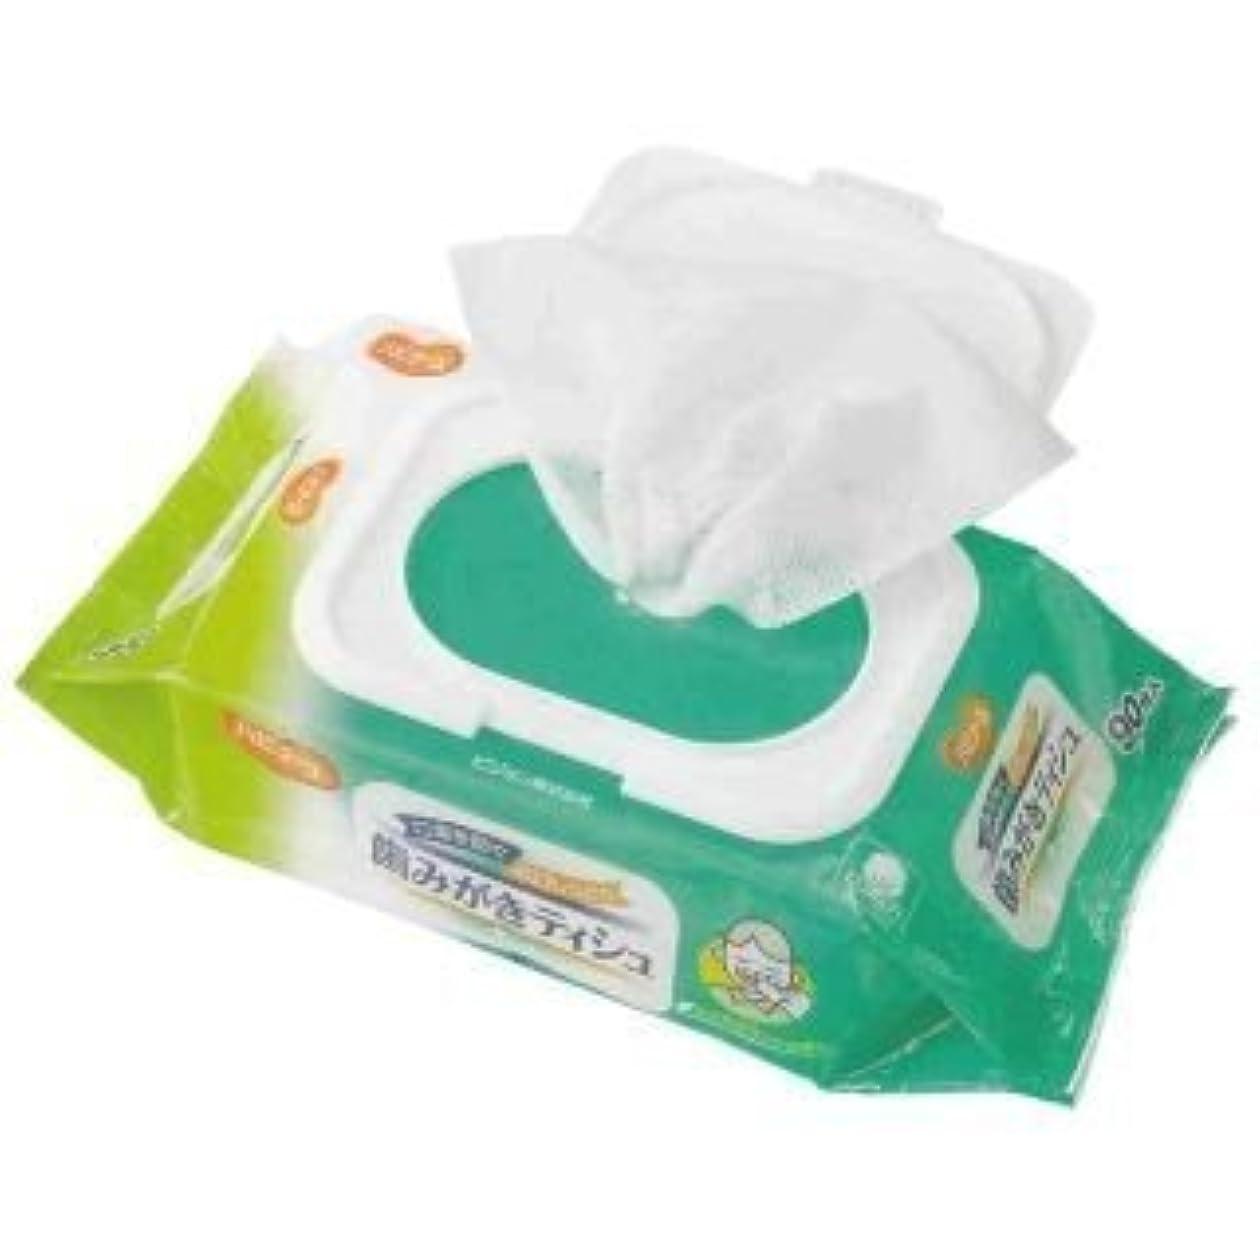 不安定な許す昇る口臭を防ぐ&お口しっとり!ふきとりやすいコットンメッシュシート!お口が乾燥して、お口の臭いが気になるときに!歯みがきティシュ 90枚入【2個セット】